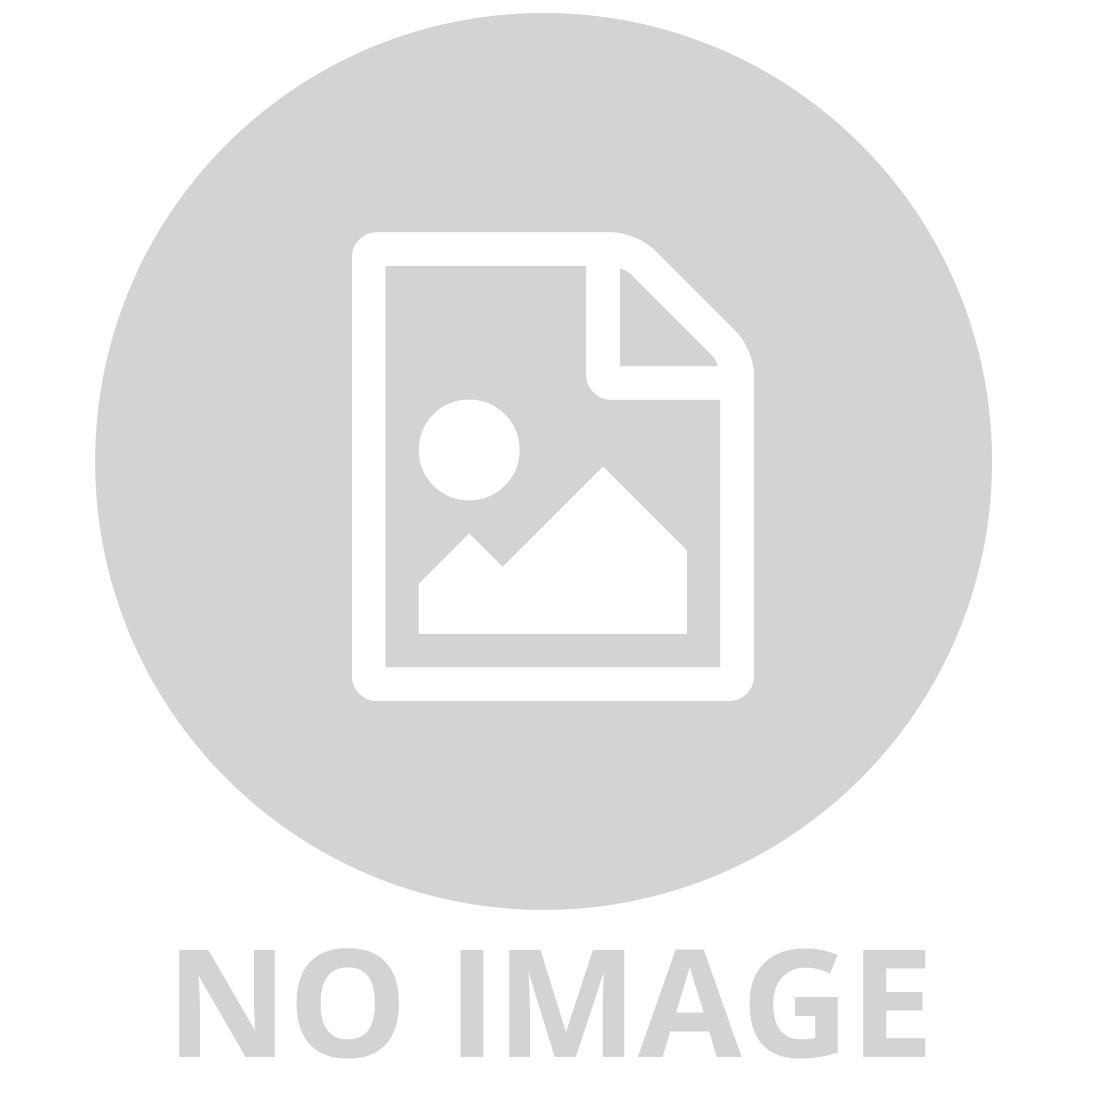 R/C TARANTULA CRAWLING SPIDER